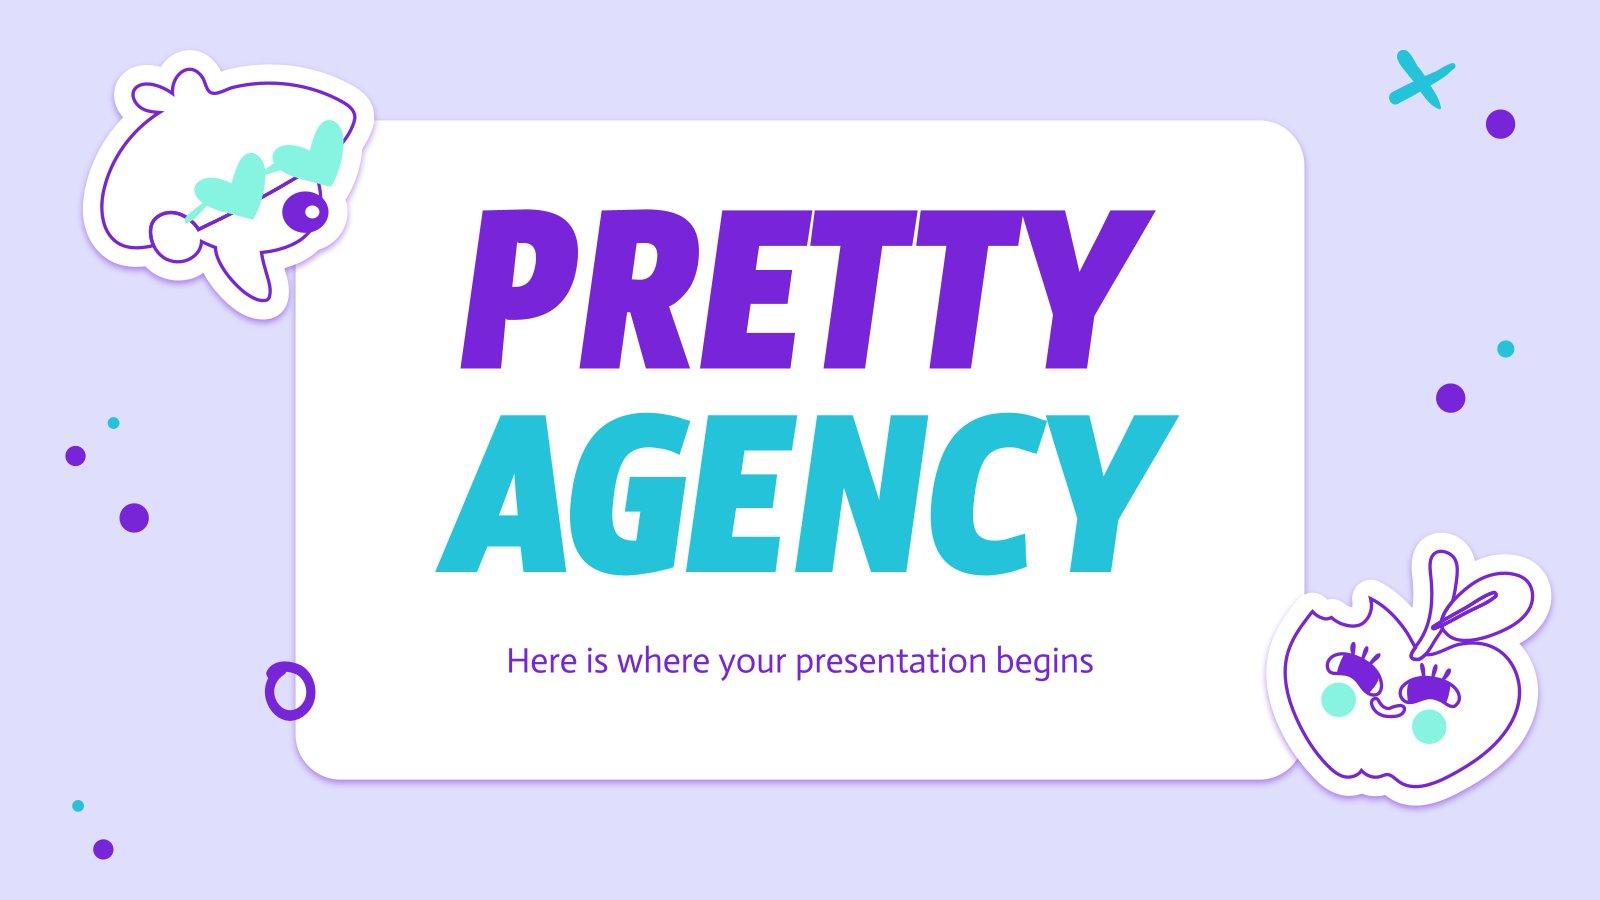 Modelo de apresentação Agência bonita